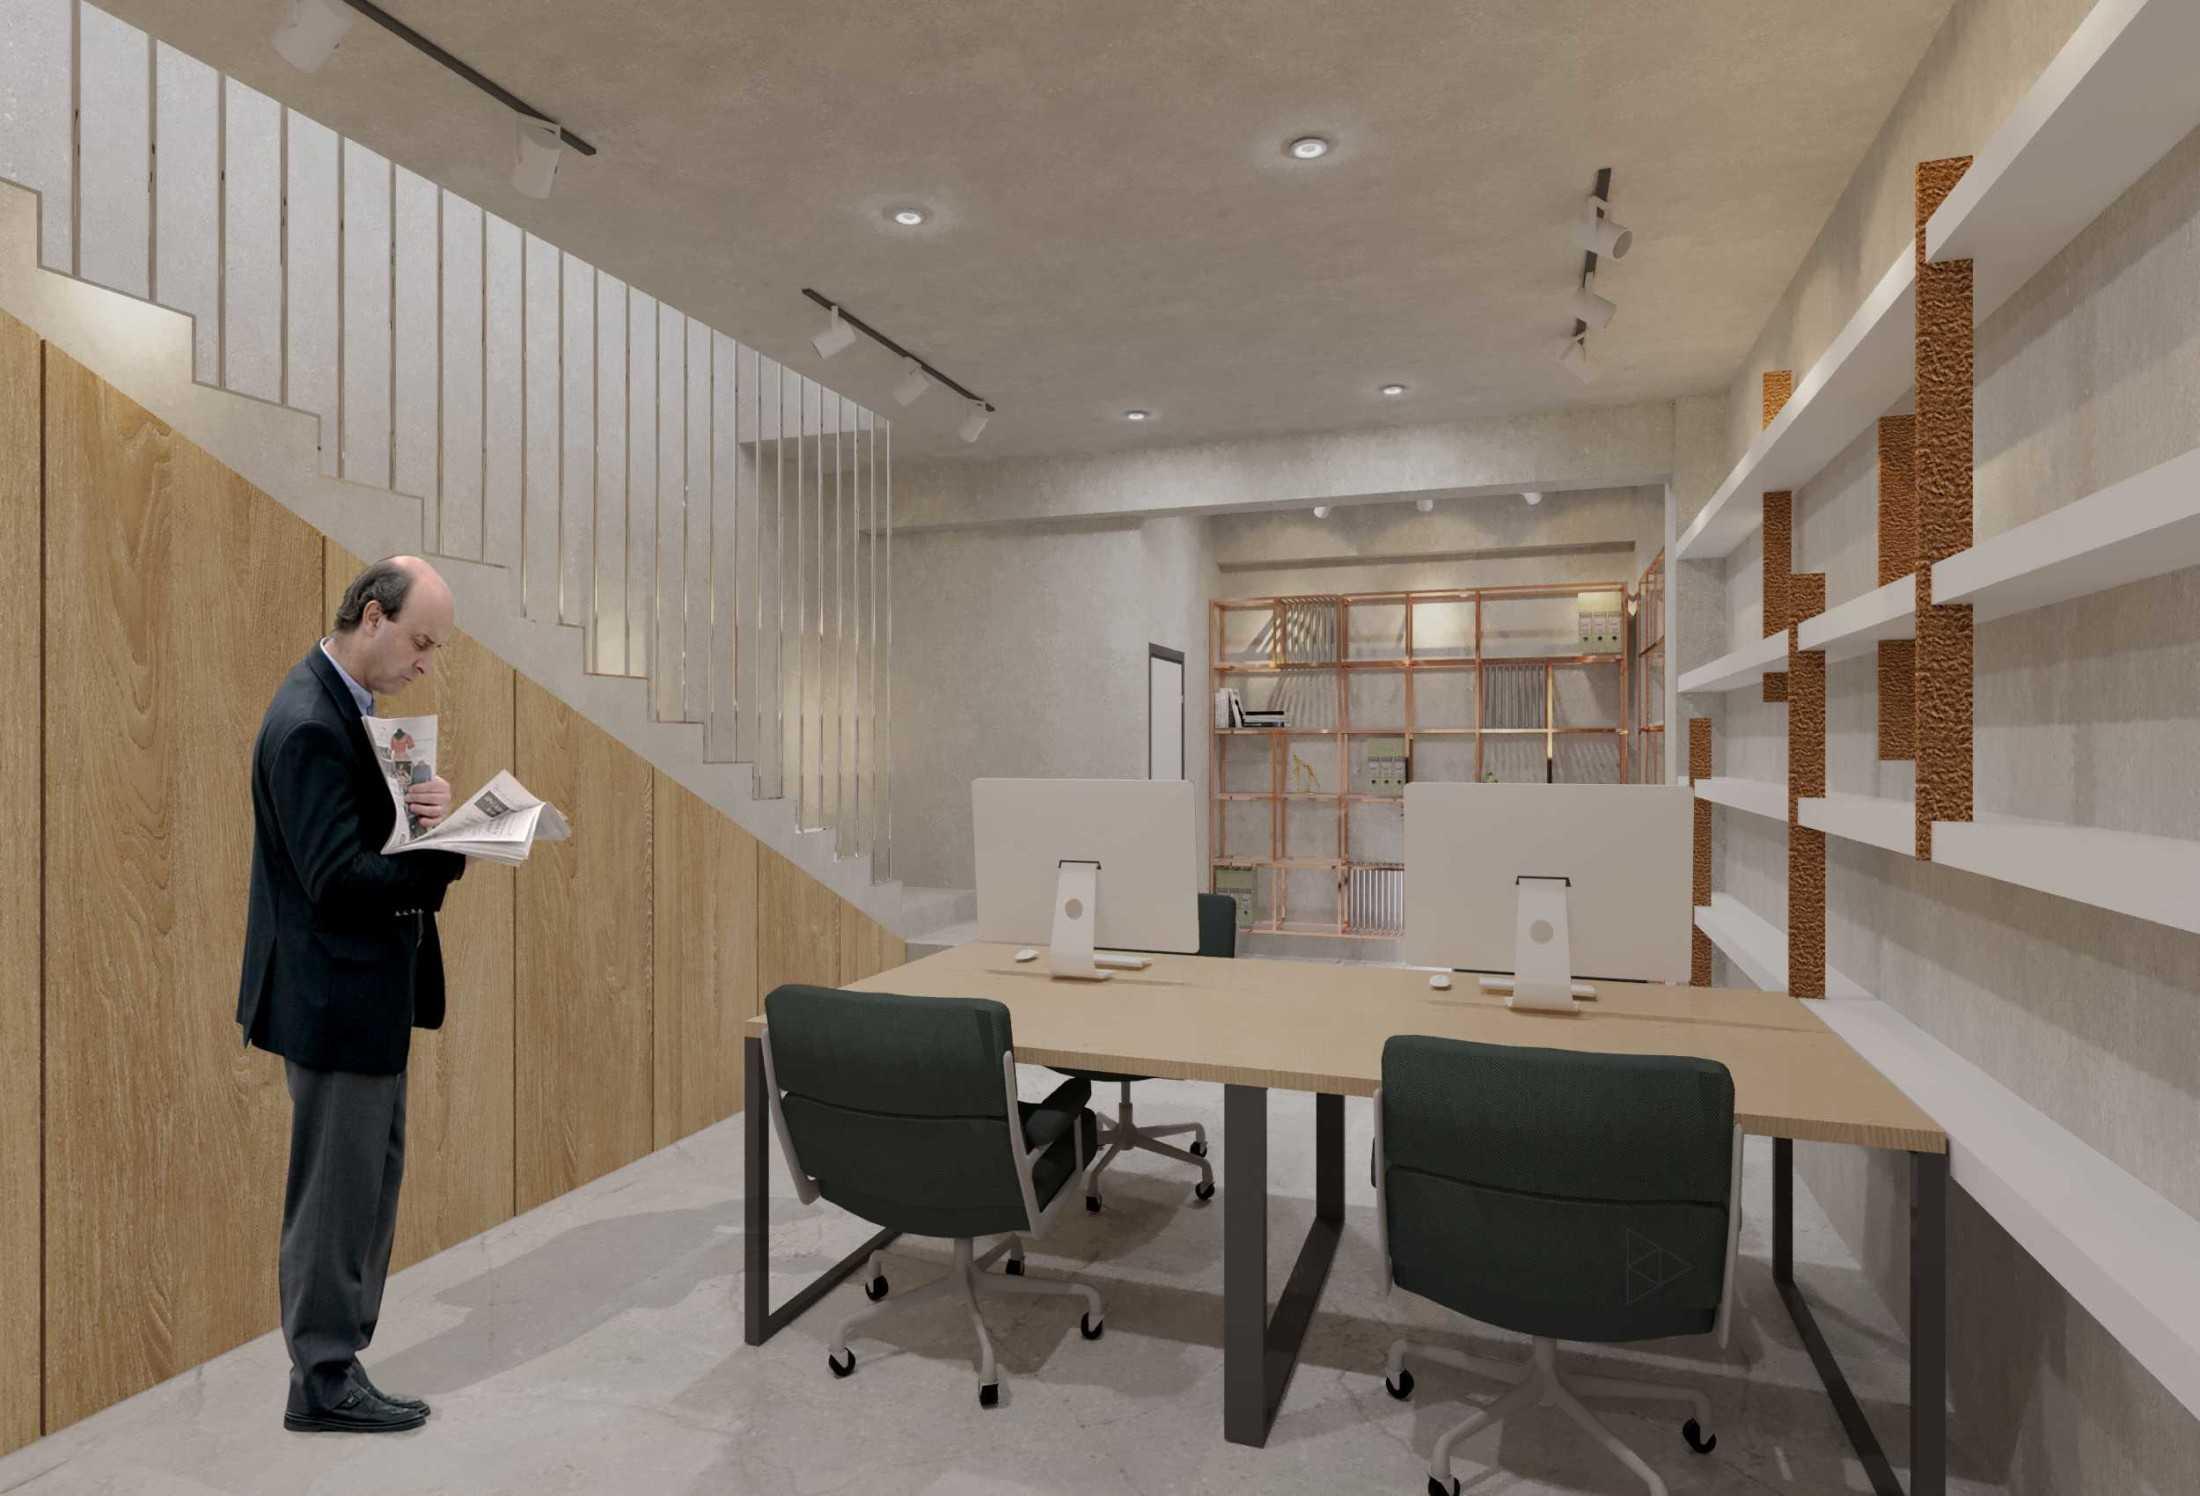 Foto inspirasi ide desain ruang kerja industrial Staff area- 1st floor oleh TIES Design & Build di Arsitag